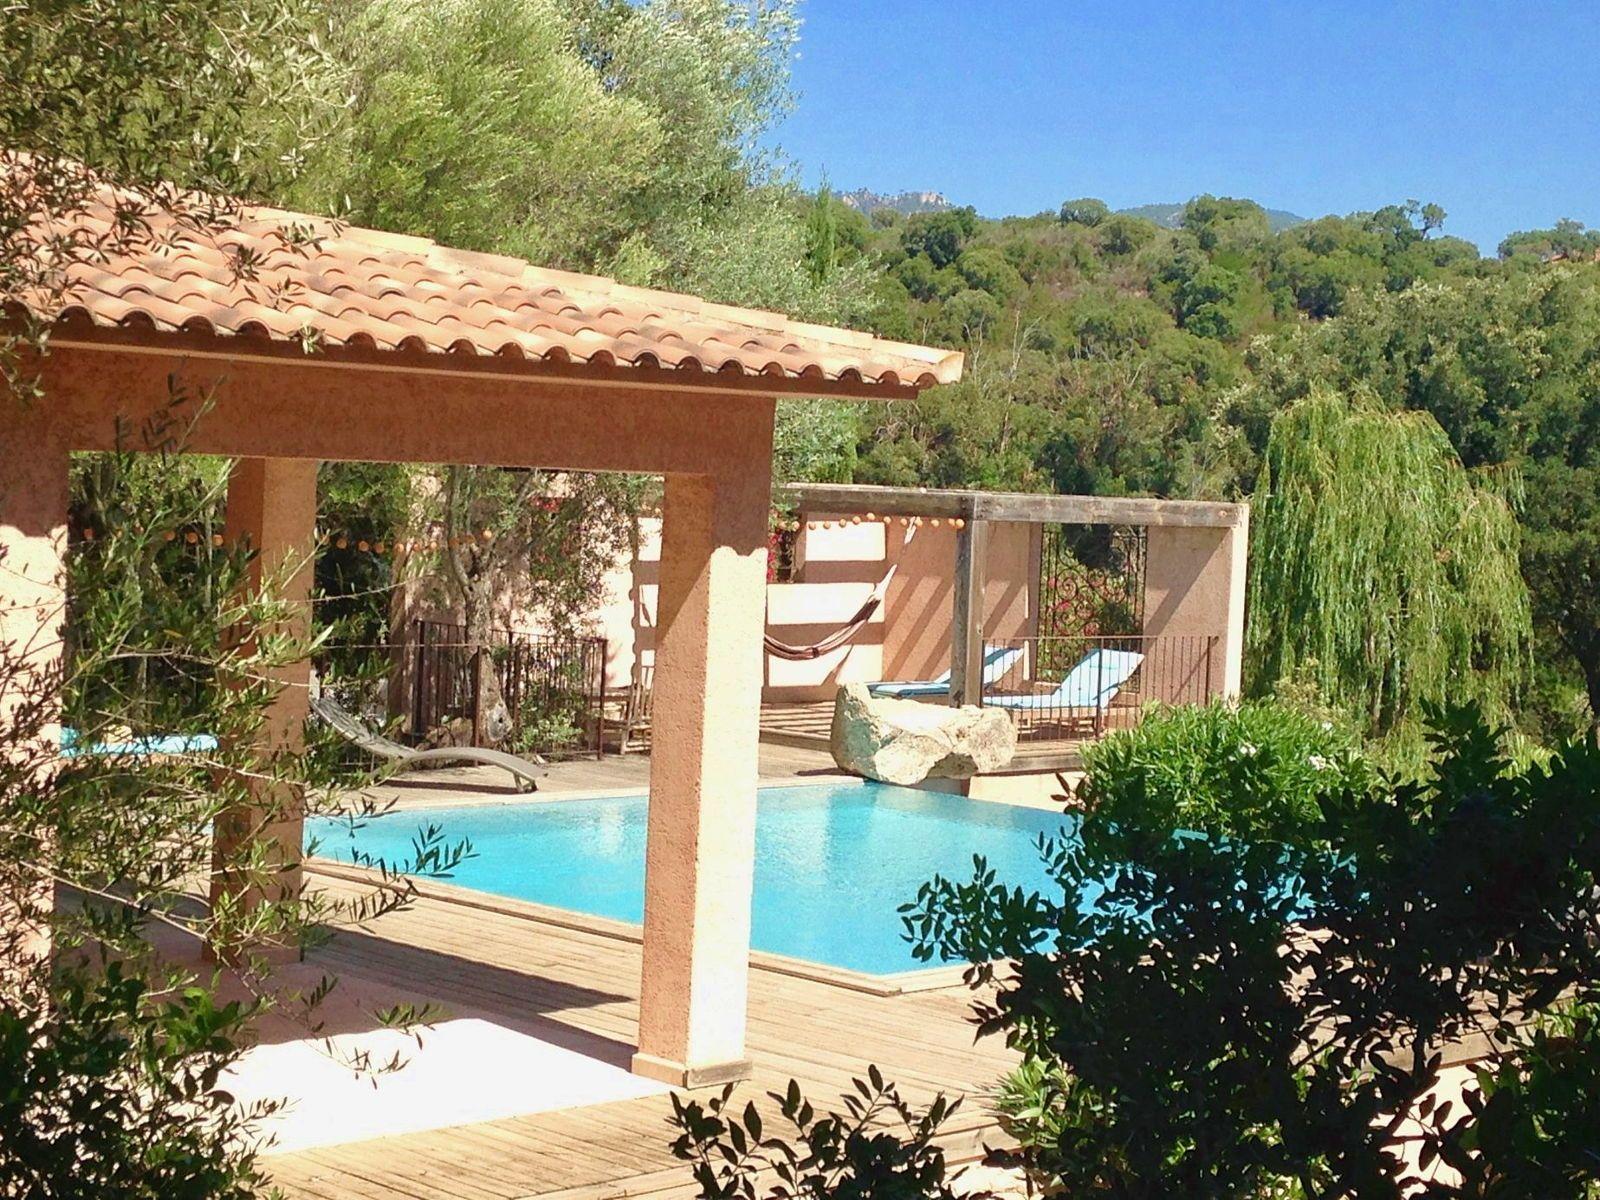 Loue Ste Lucie Porto-Vecchio villa charme et nature, piscine privée, 6couchages